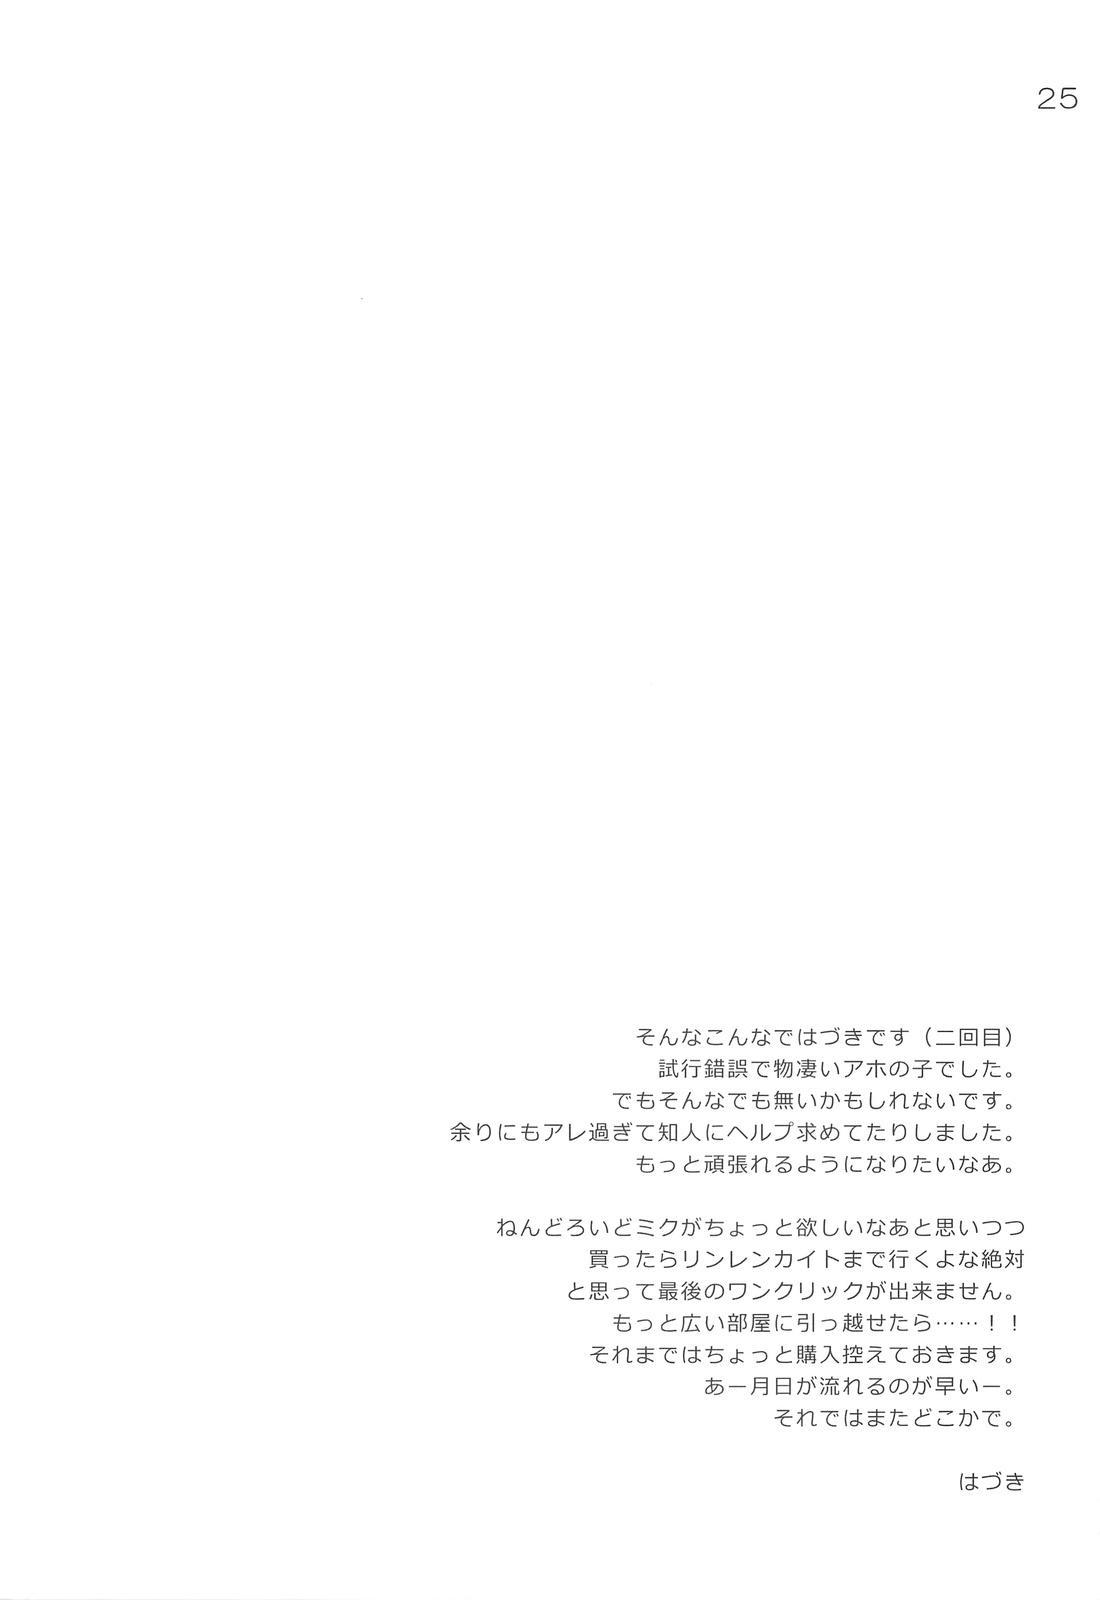 Do Hentai Miku 23